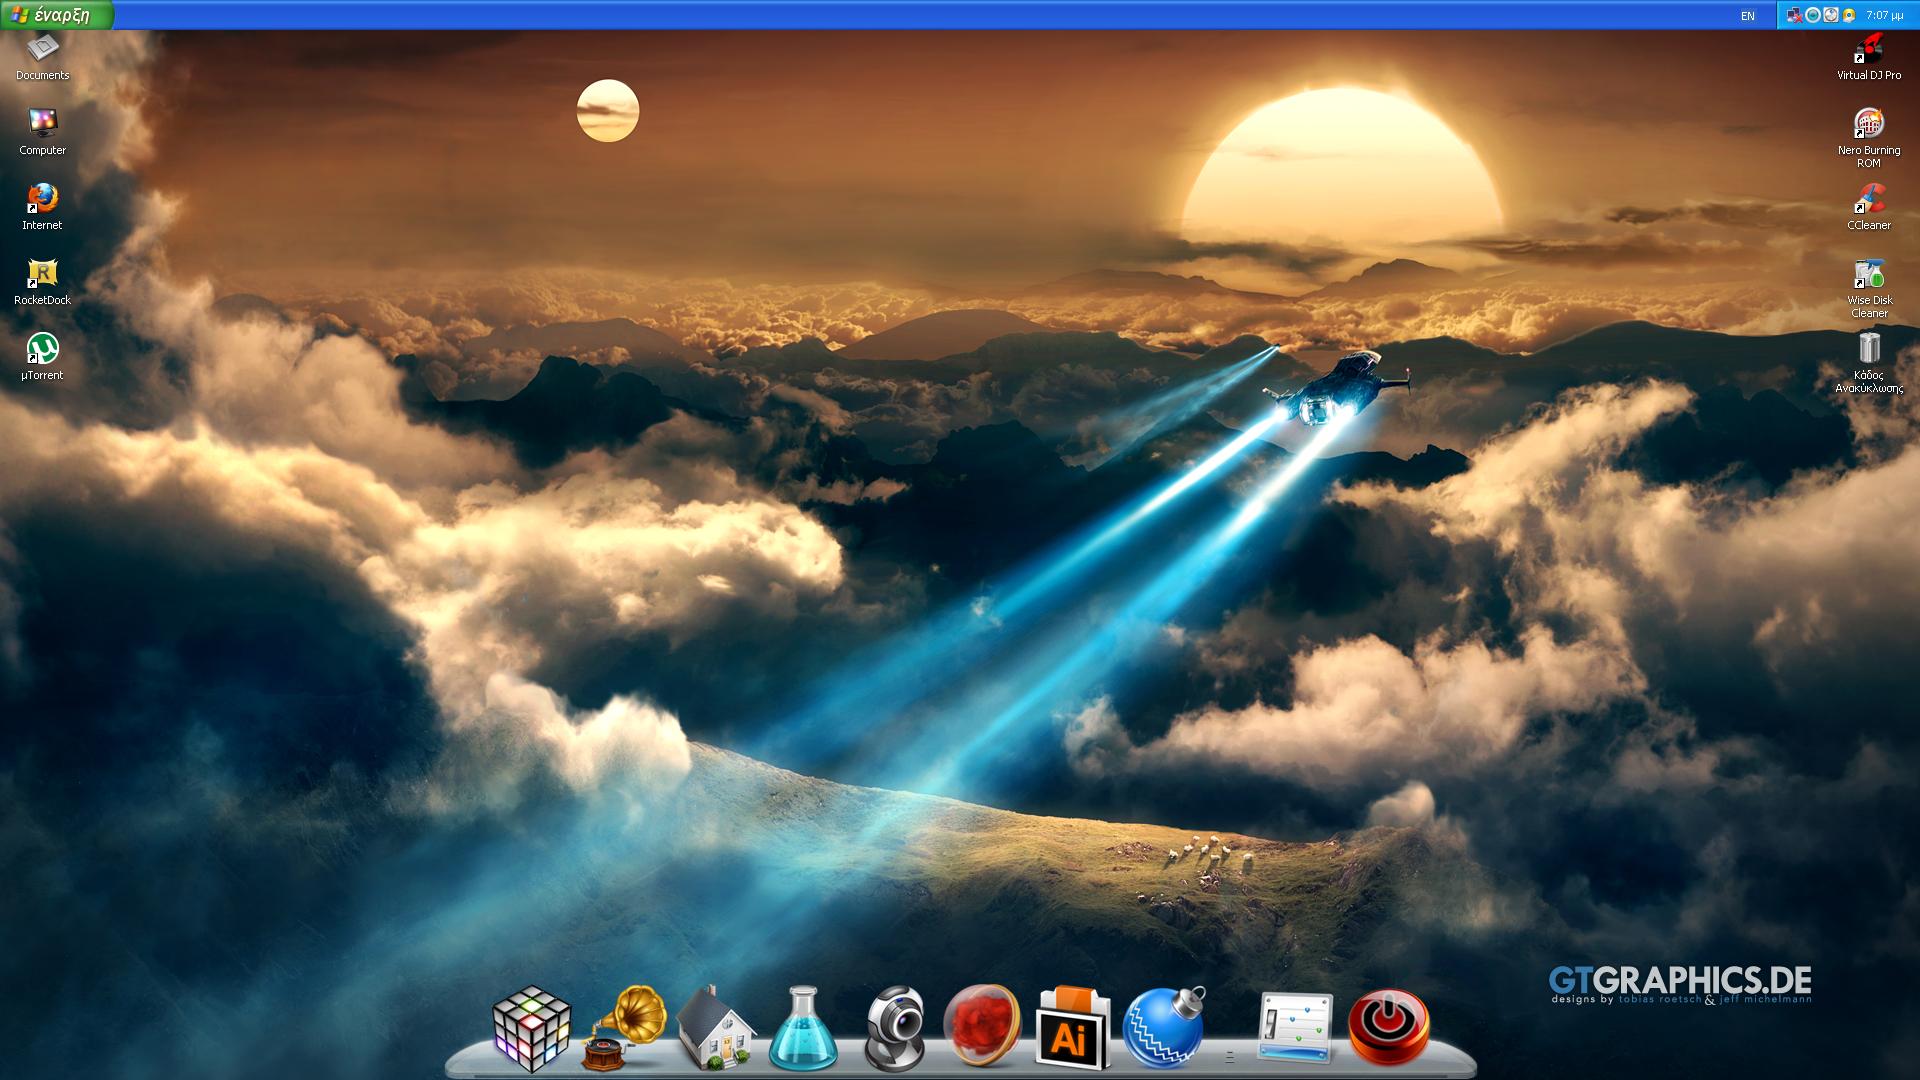 Desktop June 2013 by DjLuigi